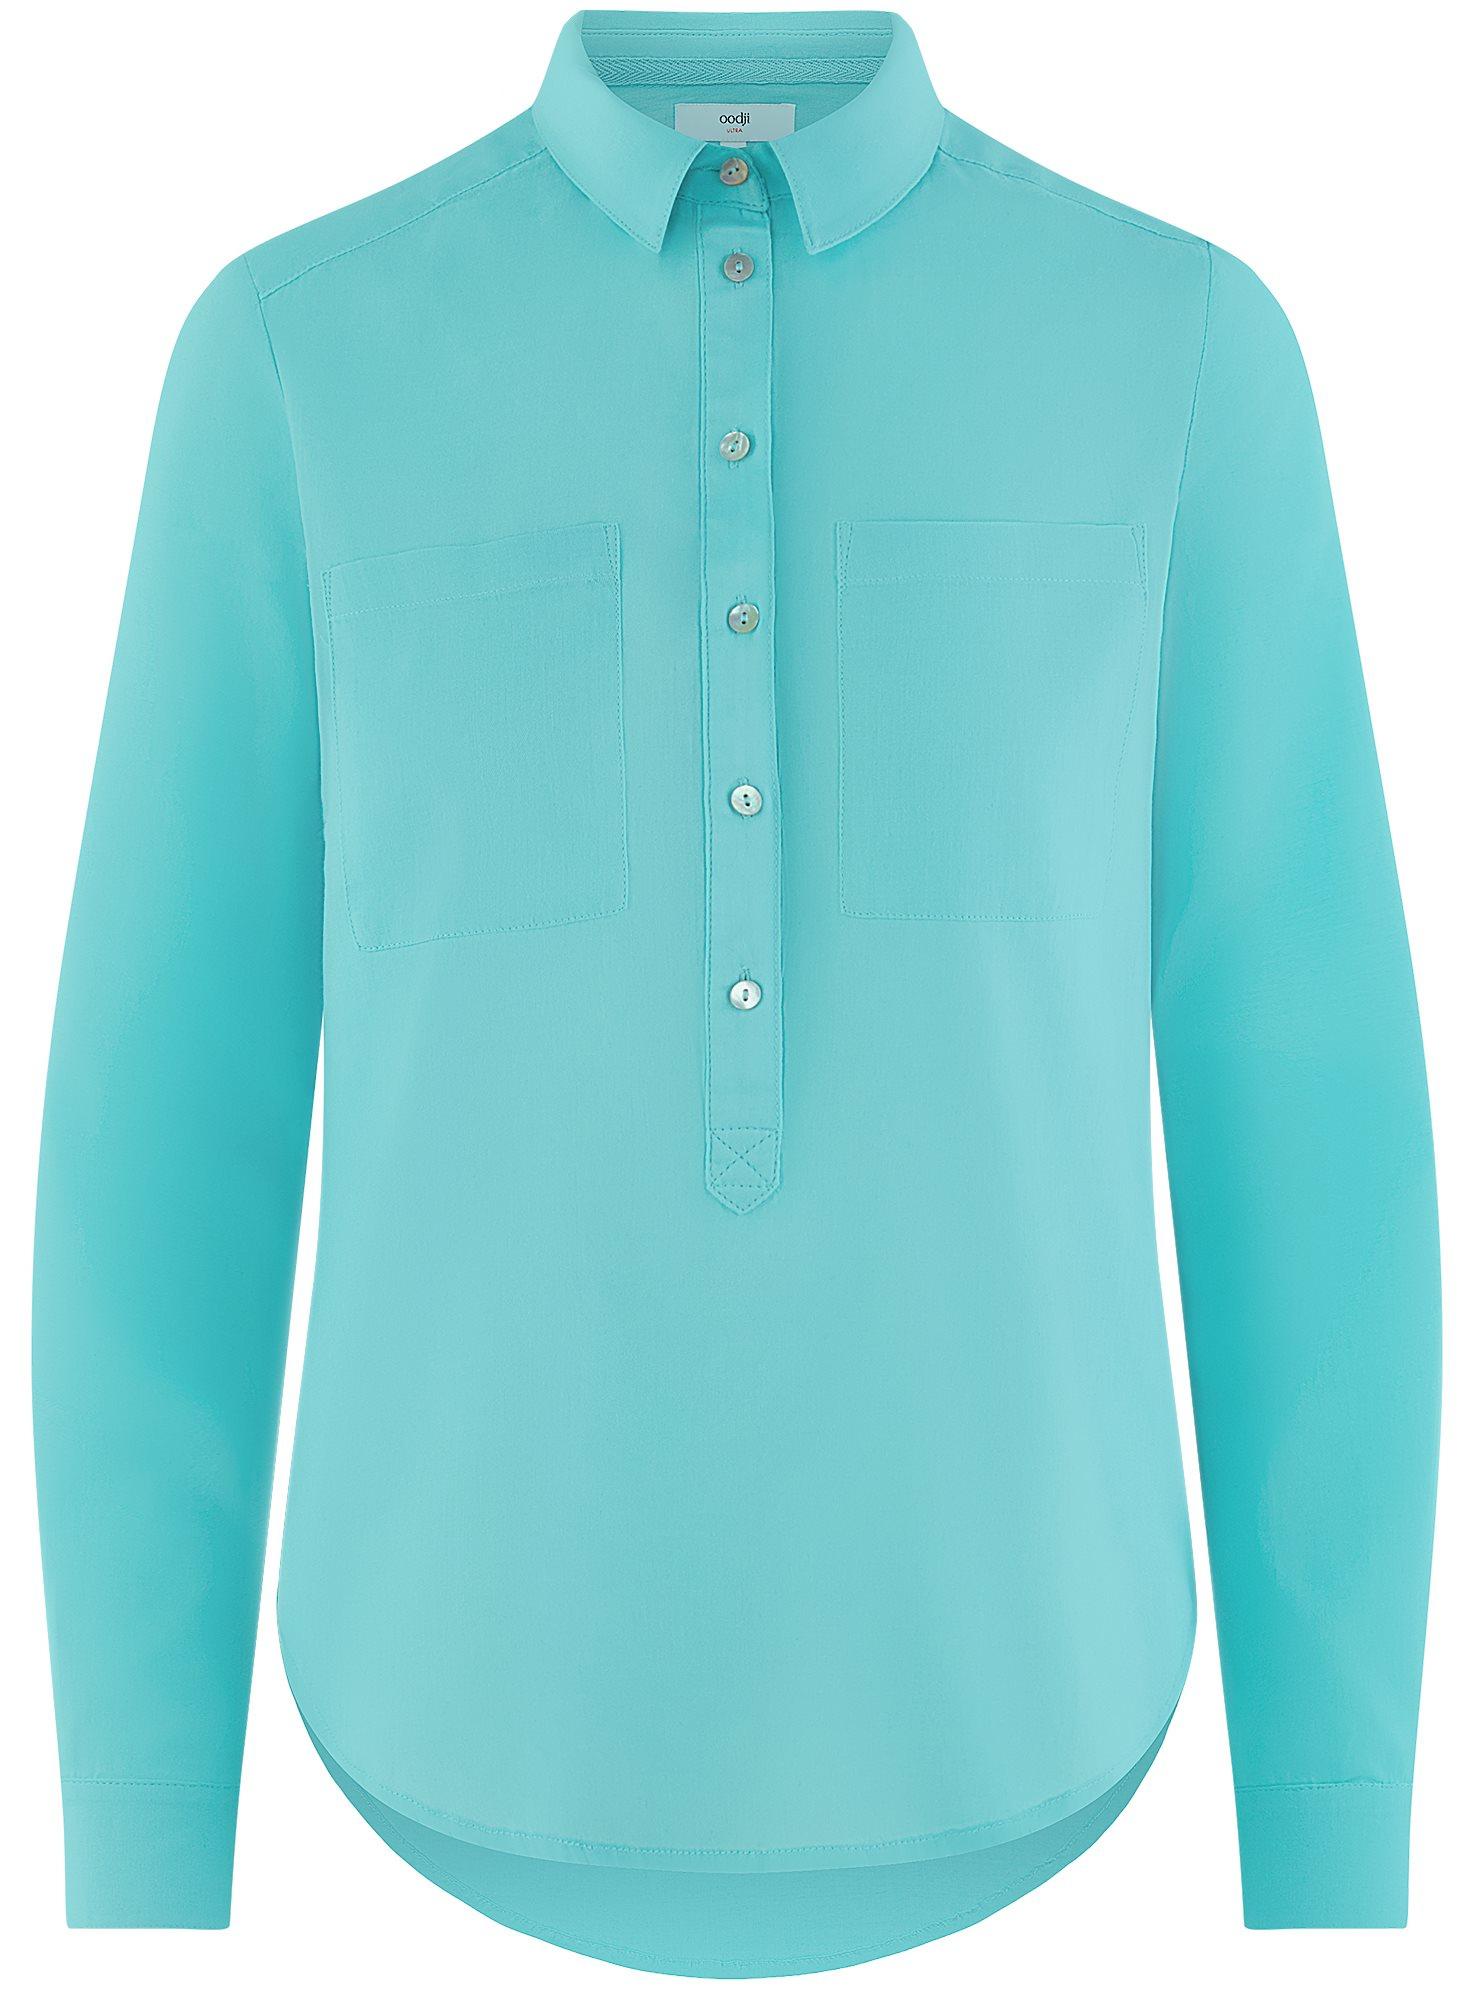 Рубашка хлопковая свободного силуэта oodji для женщины (бирюзовый), 11411101B/45561/7300N